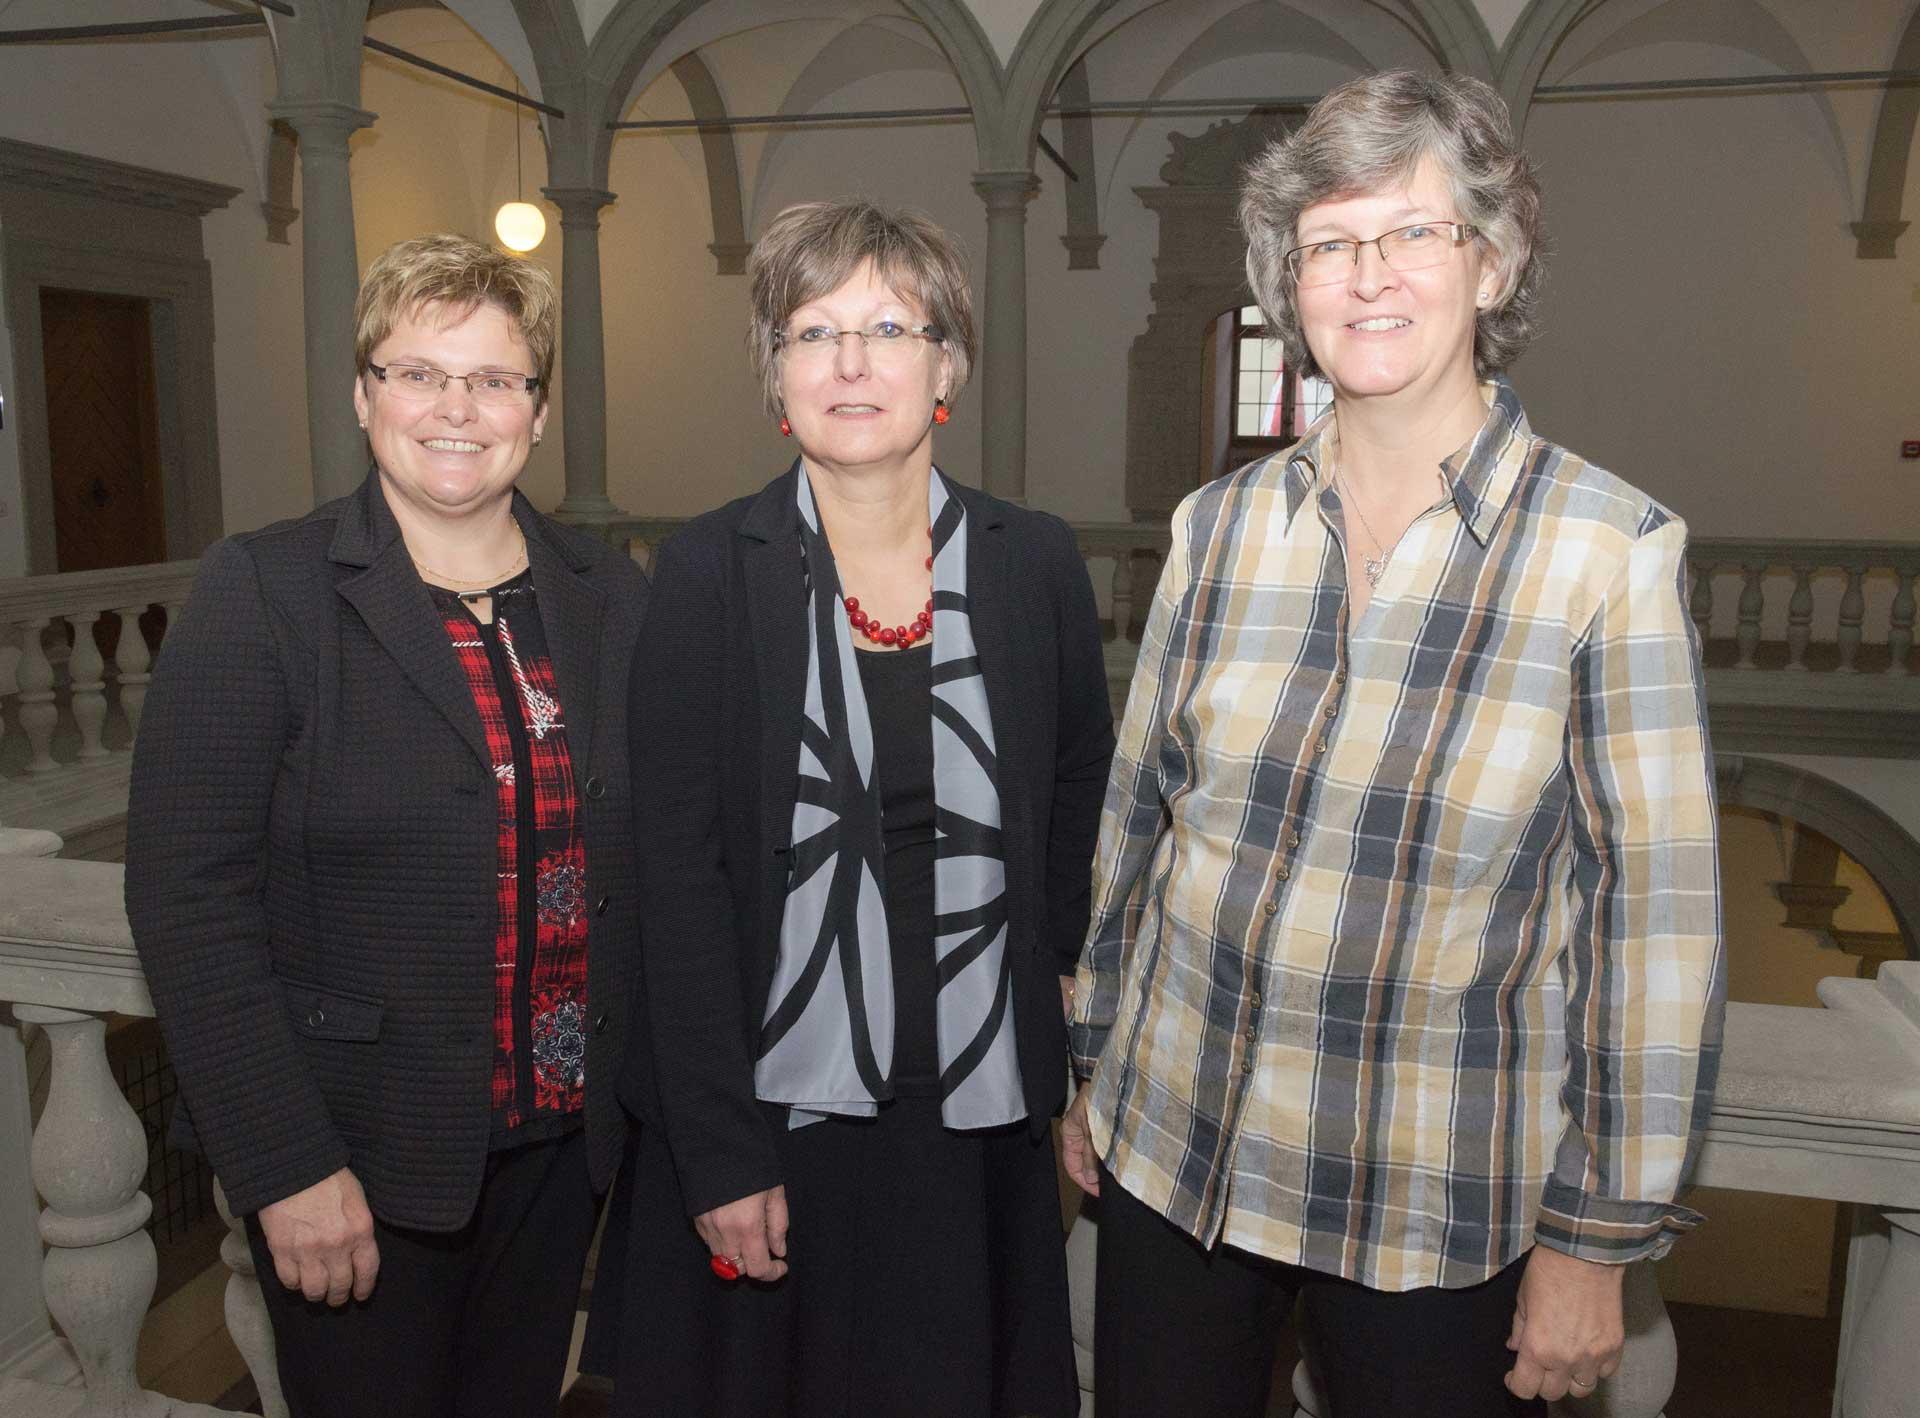 Die neue Synodalratspräsidentin Renata Asal-Steger (Mitte) mit der neuen Vizepräsident Annegreth Bienz-Geisseler (link) und der neuen Synode-Vizepräsidentin Ursula Hüsler. | © 2015 Dominik Thali